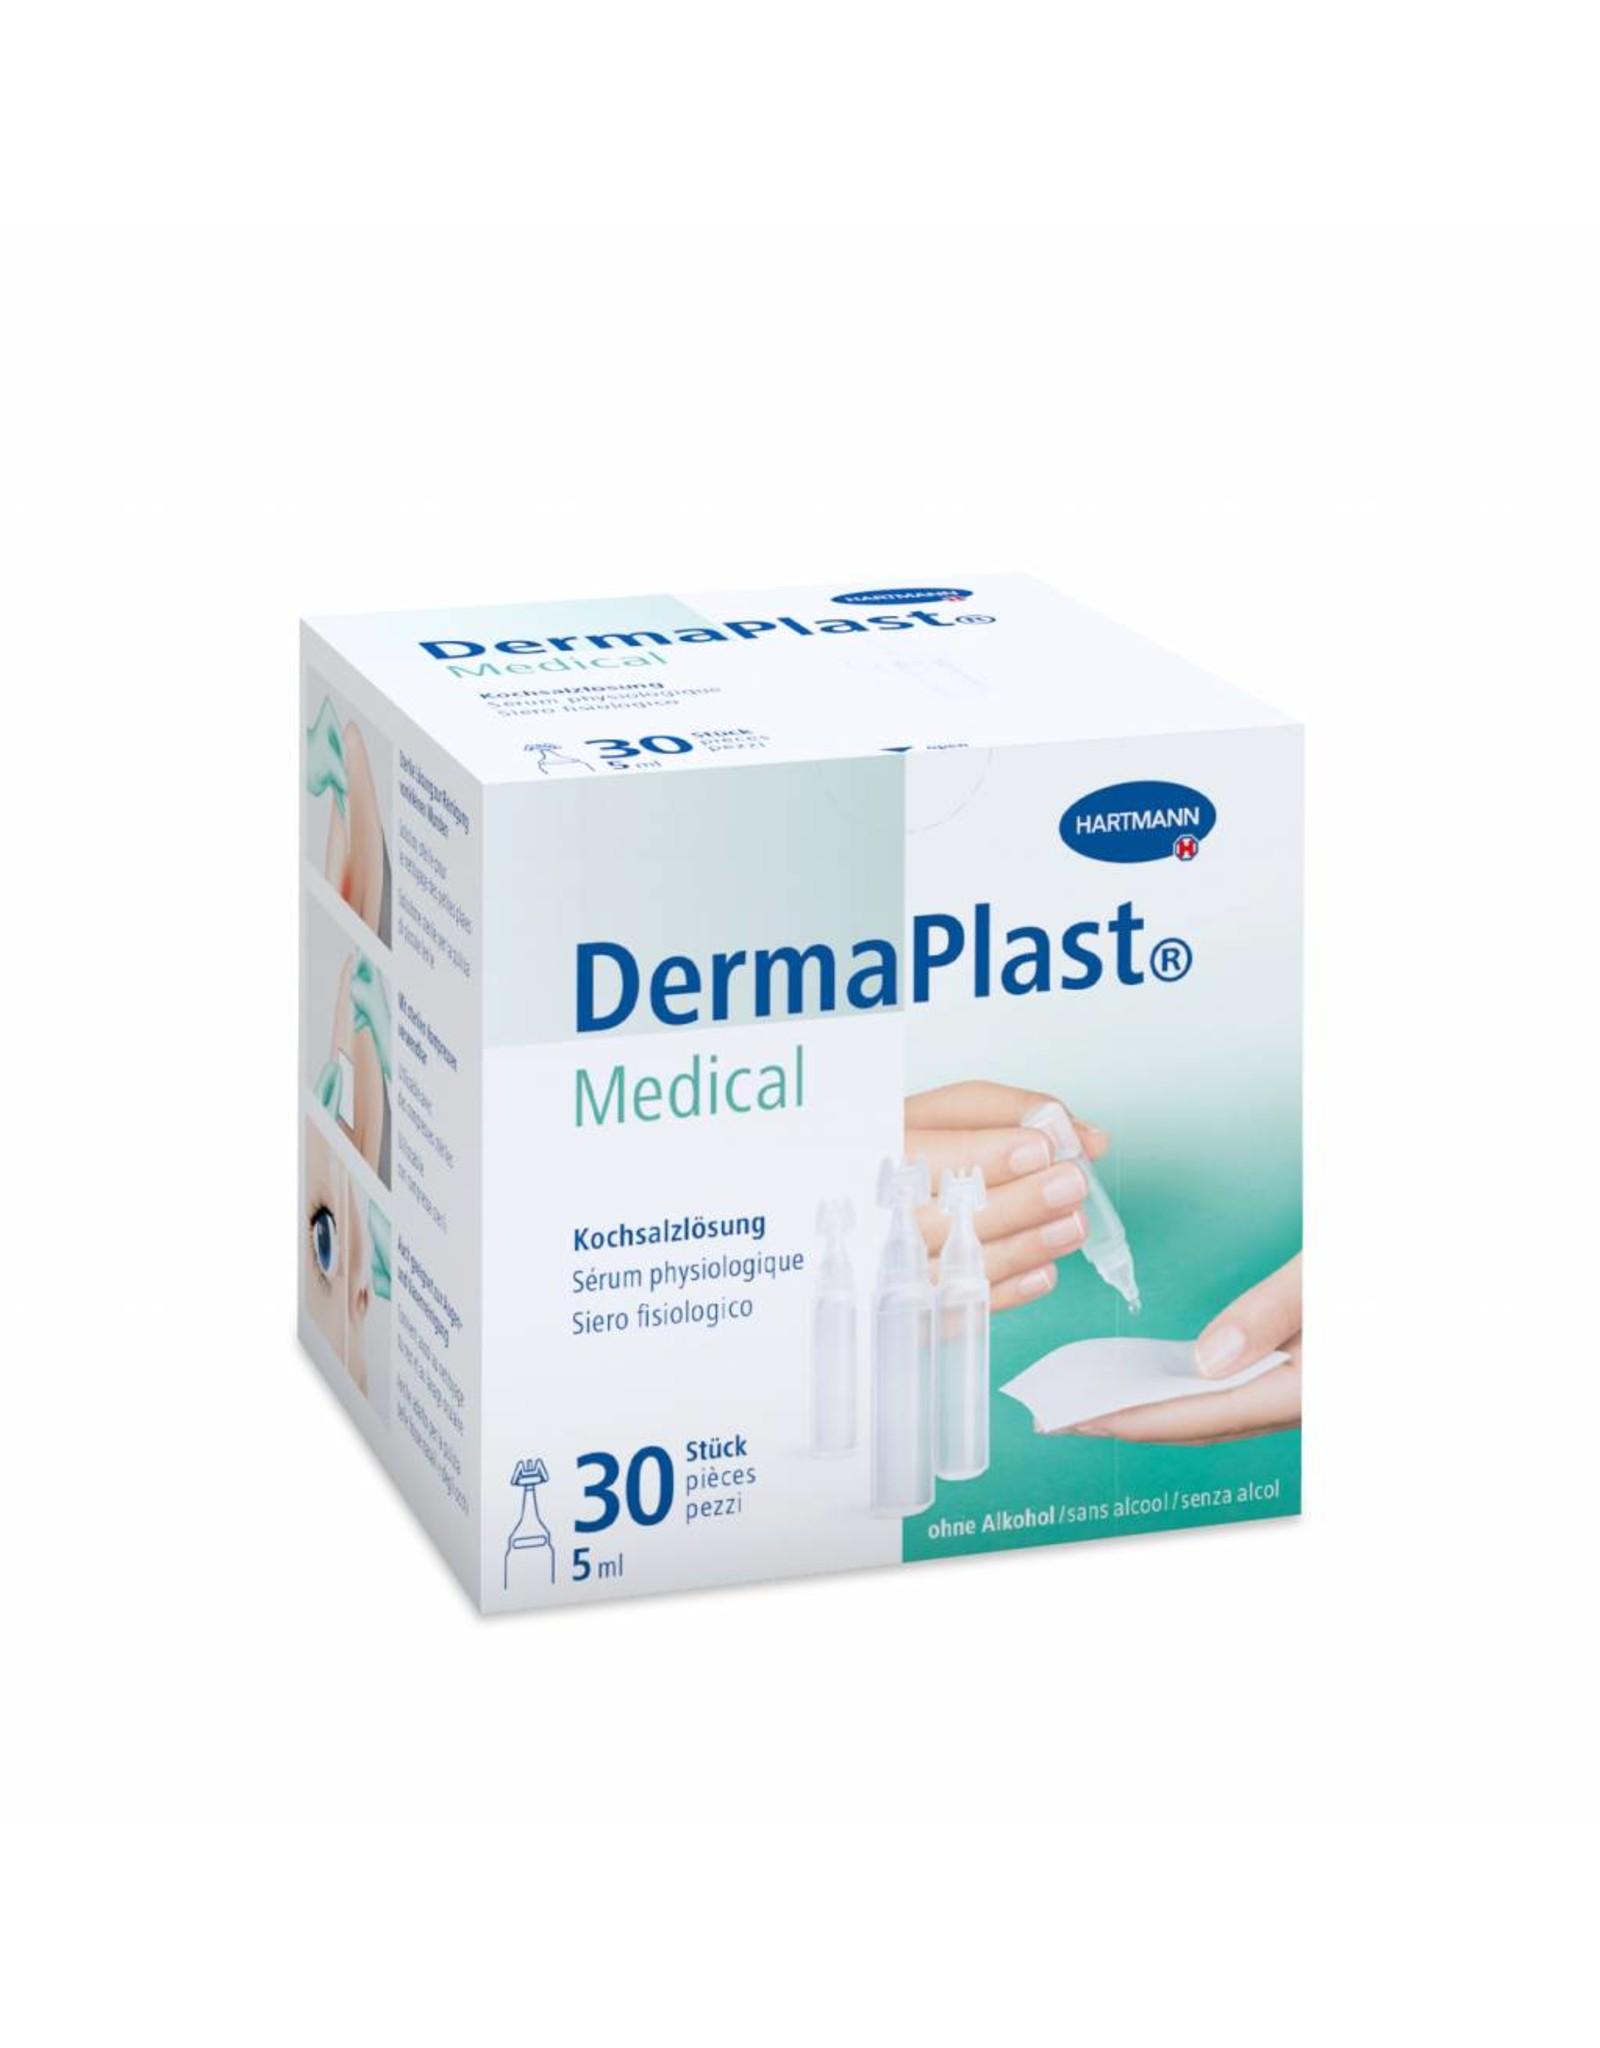 DermaPlast DermaPlast Medical Kochsalzlösung 30 x 5ml